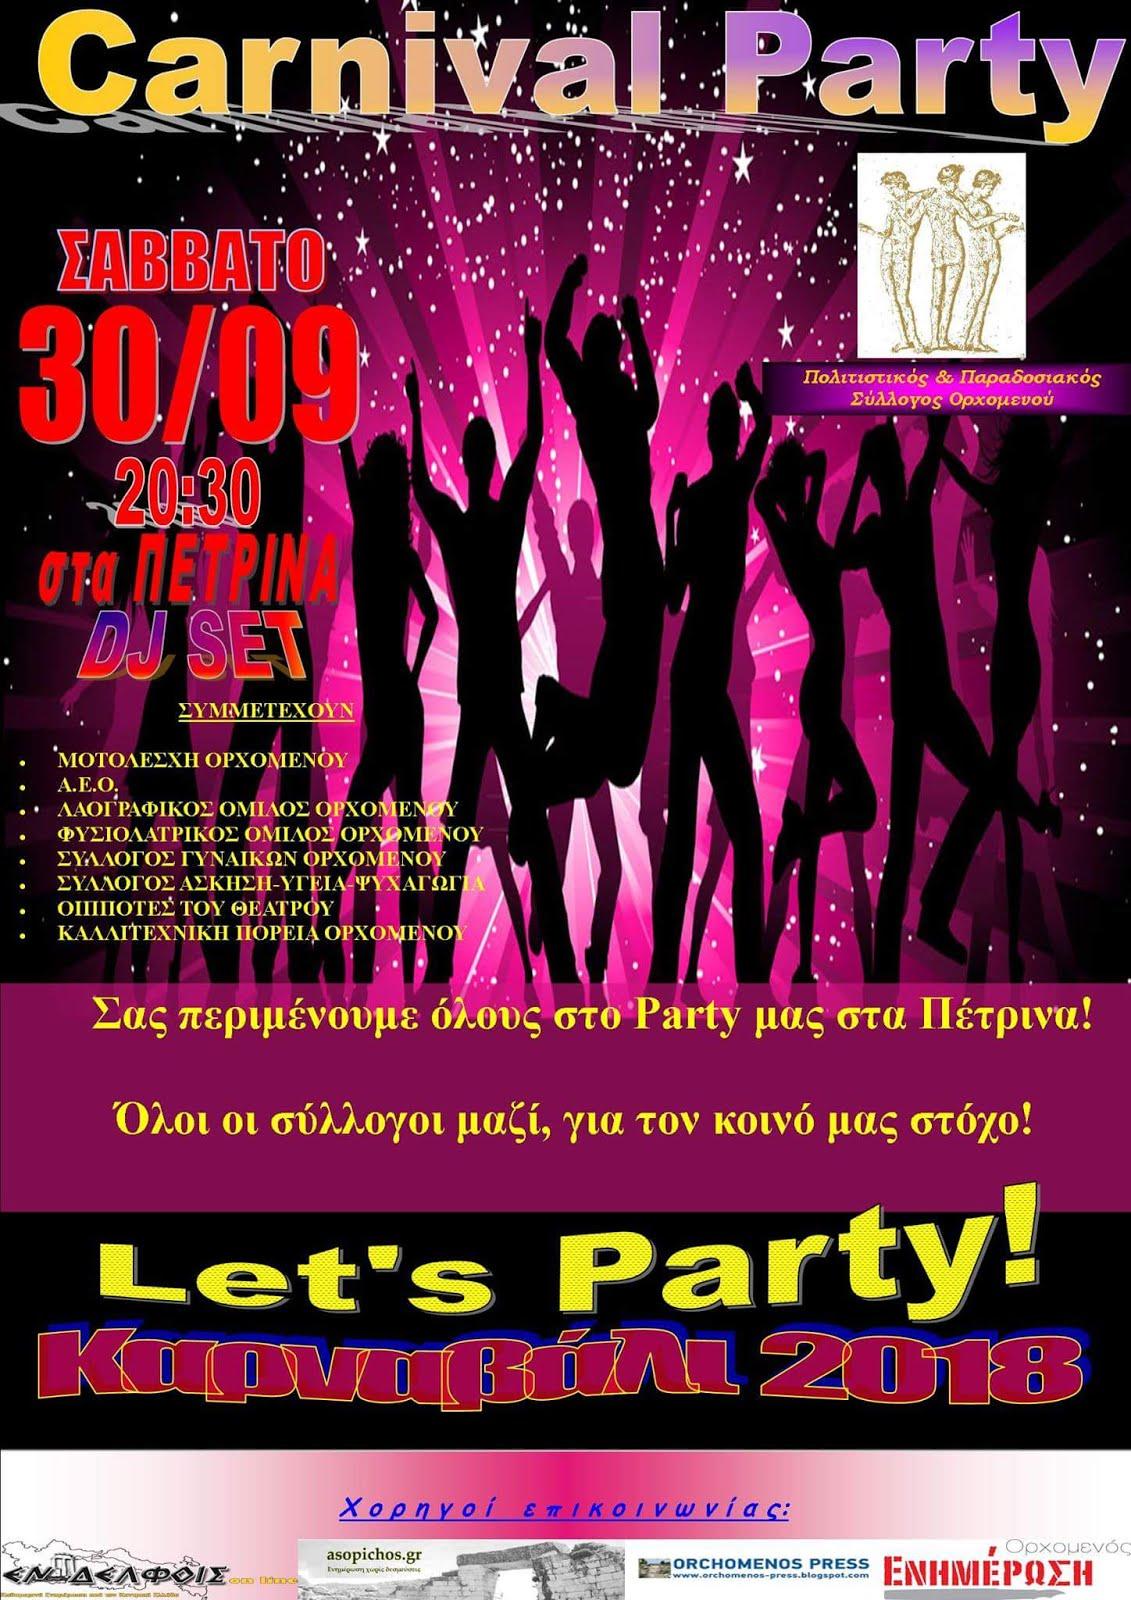 Ανοικτή πρόσκληση στο υπαίθριο party για την έναρξη των εργασιών του Καρναβαλιού 2018!!!